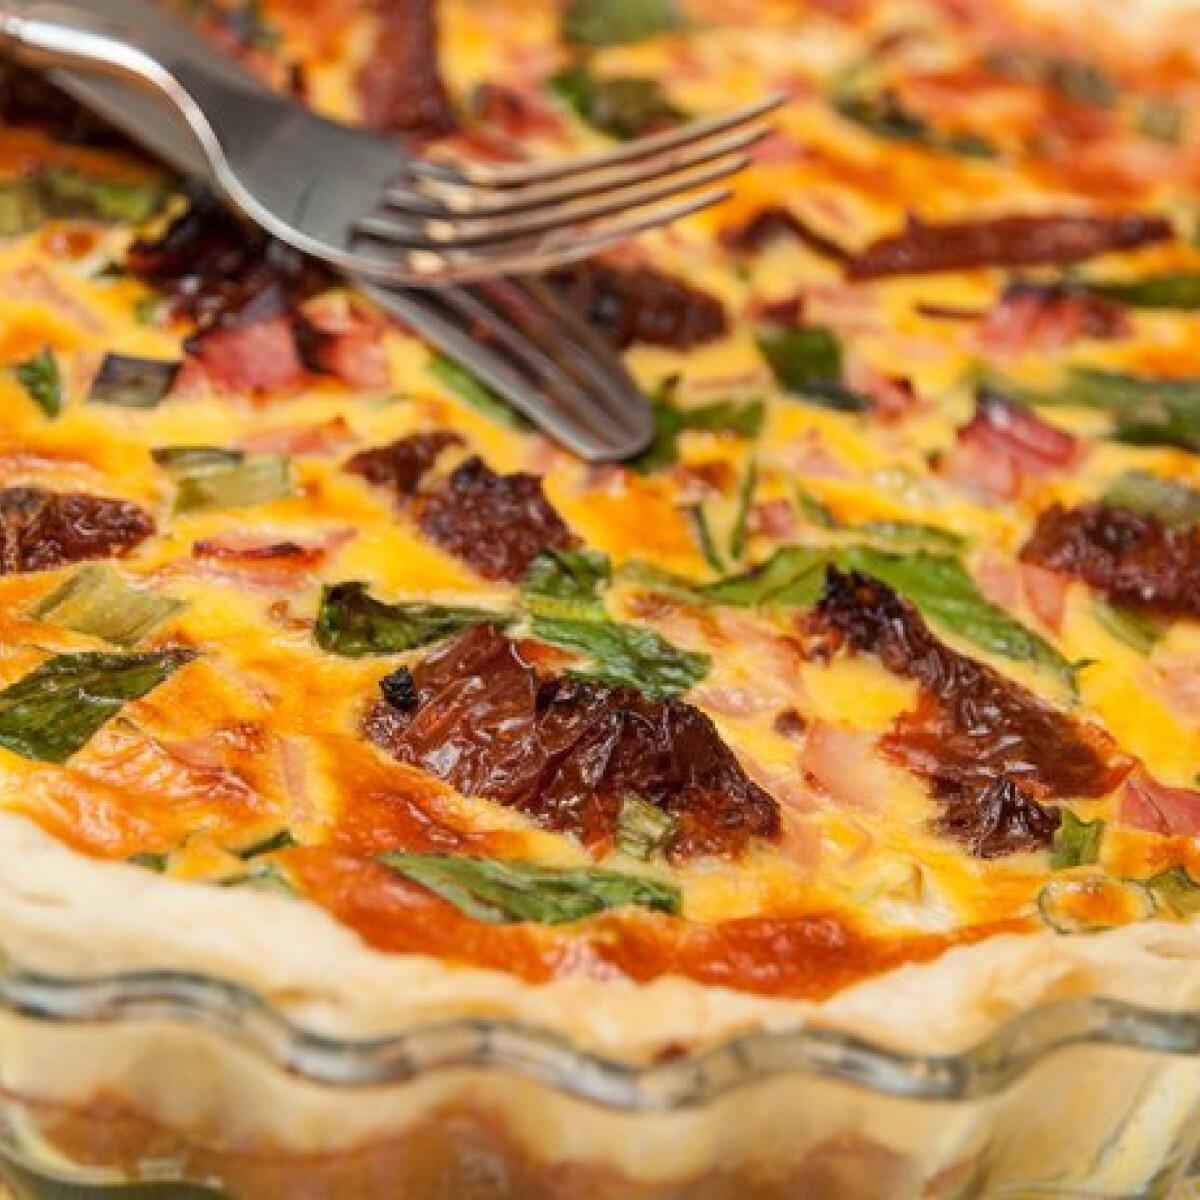 Tavaszi pite